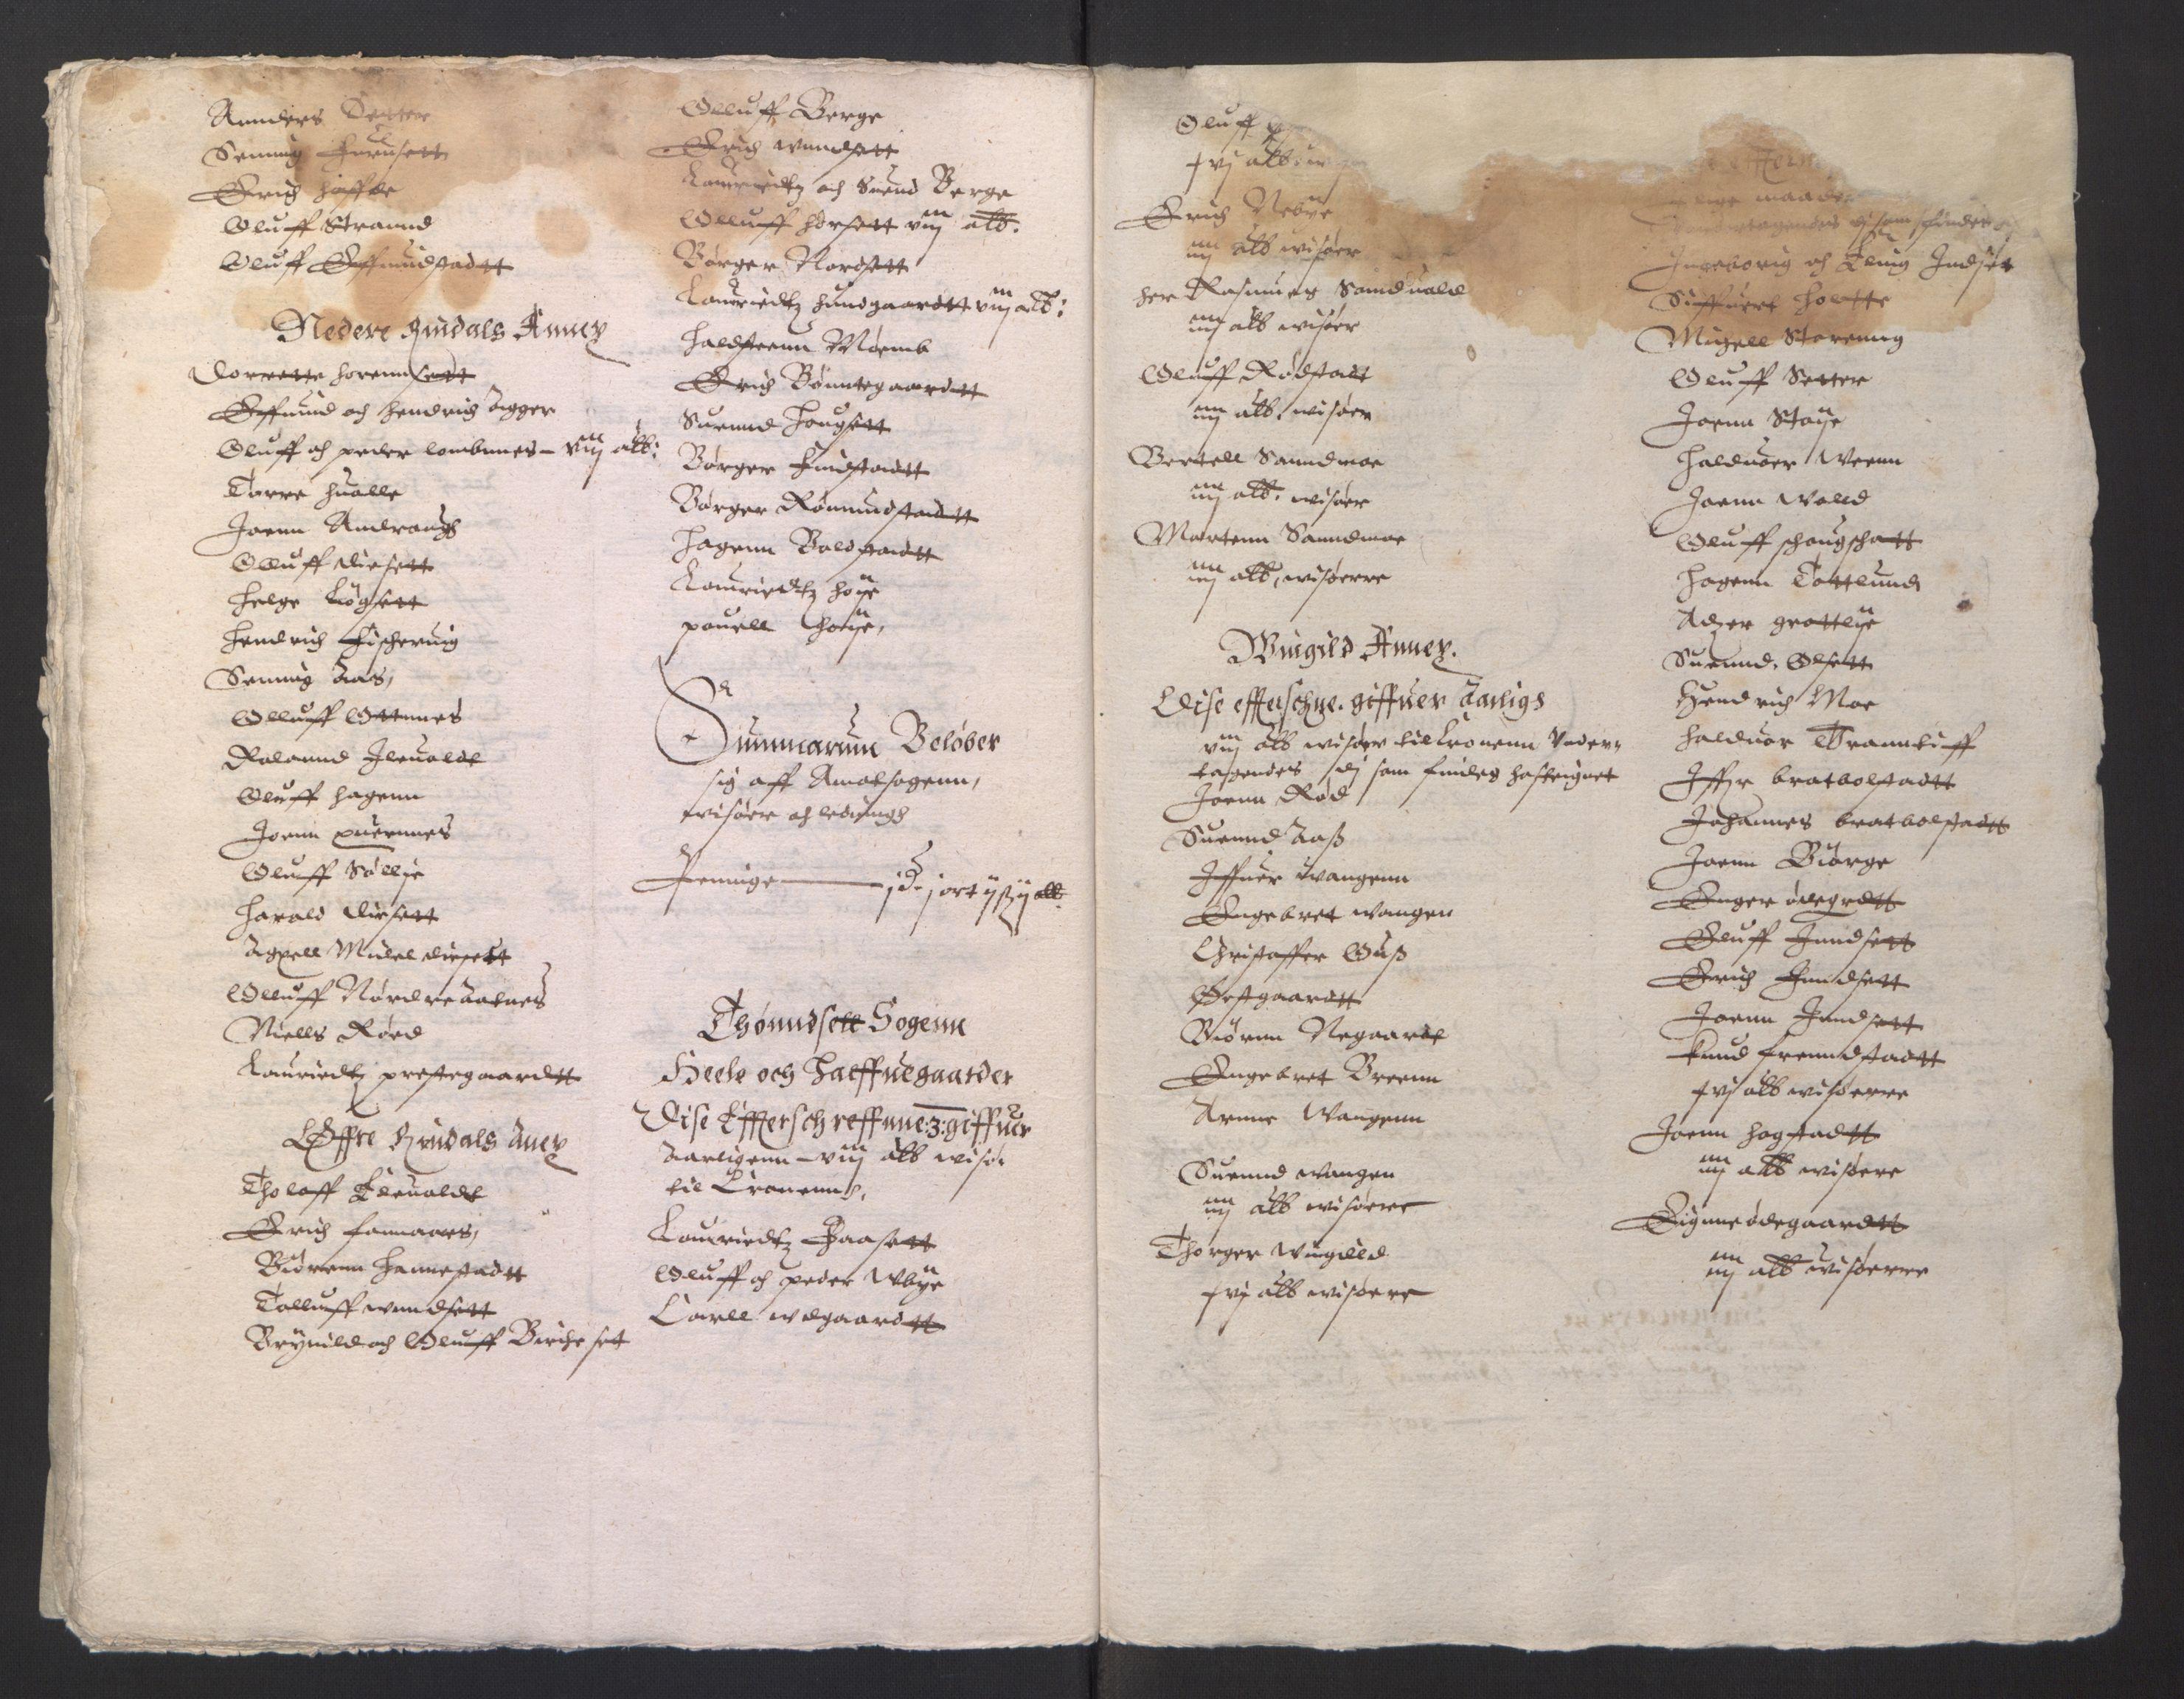 RA, Stattholderembetet 1572-1771, Ek/L0001: Jordebøker før 1624 og til utligning av garnisonsskatt 1624-1626:, 1624-1625, s. 63